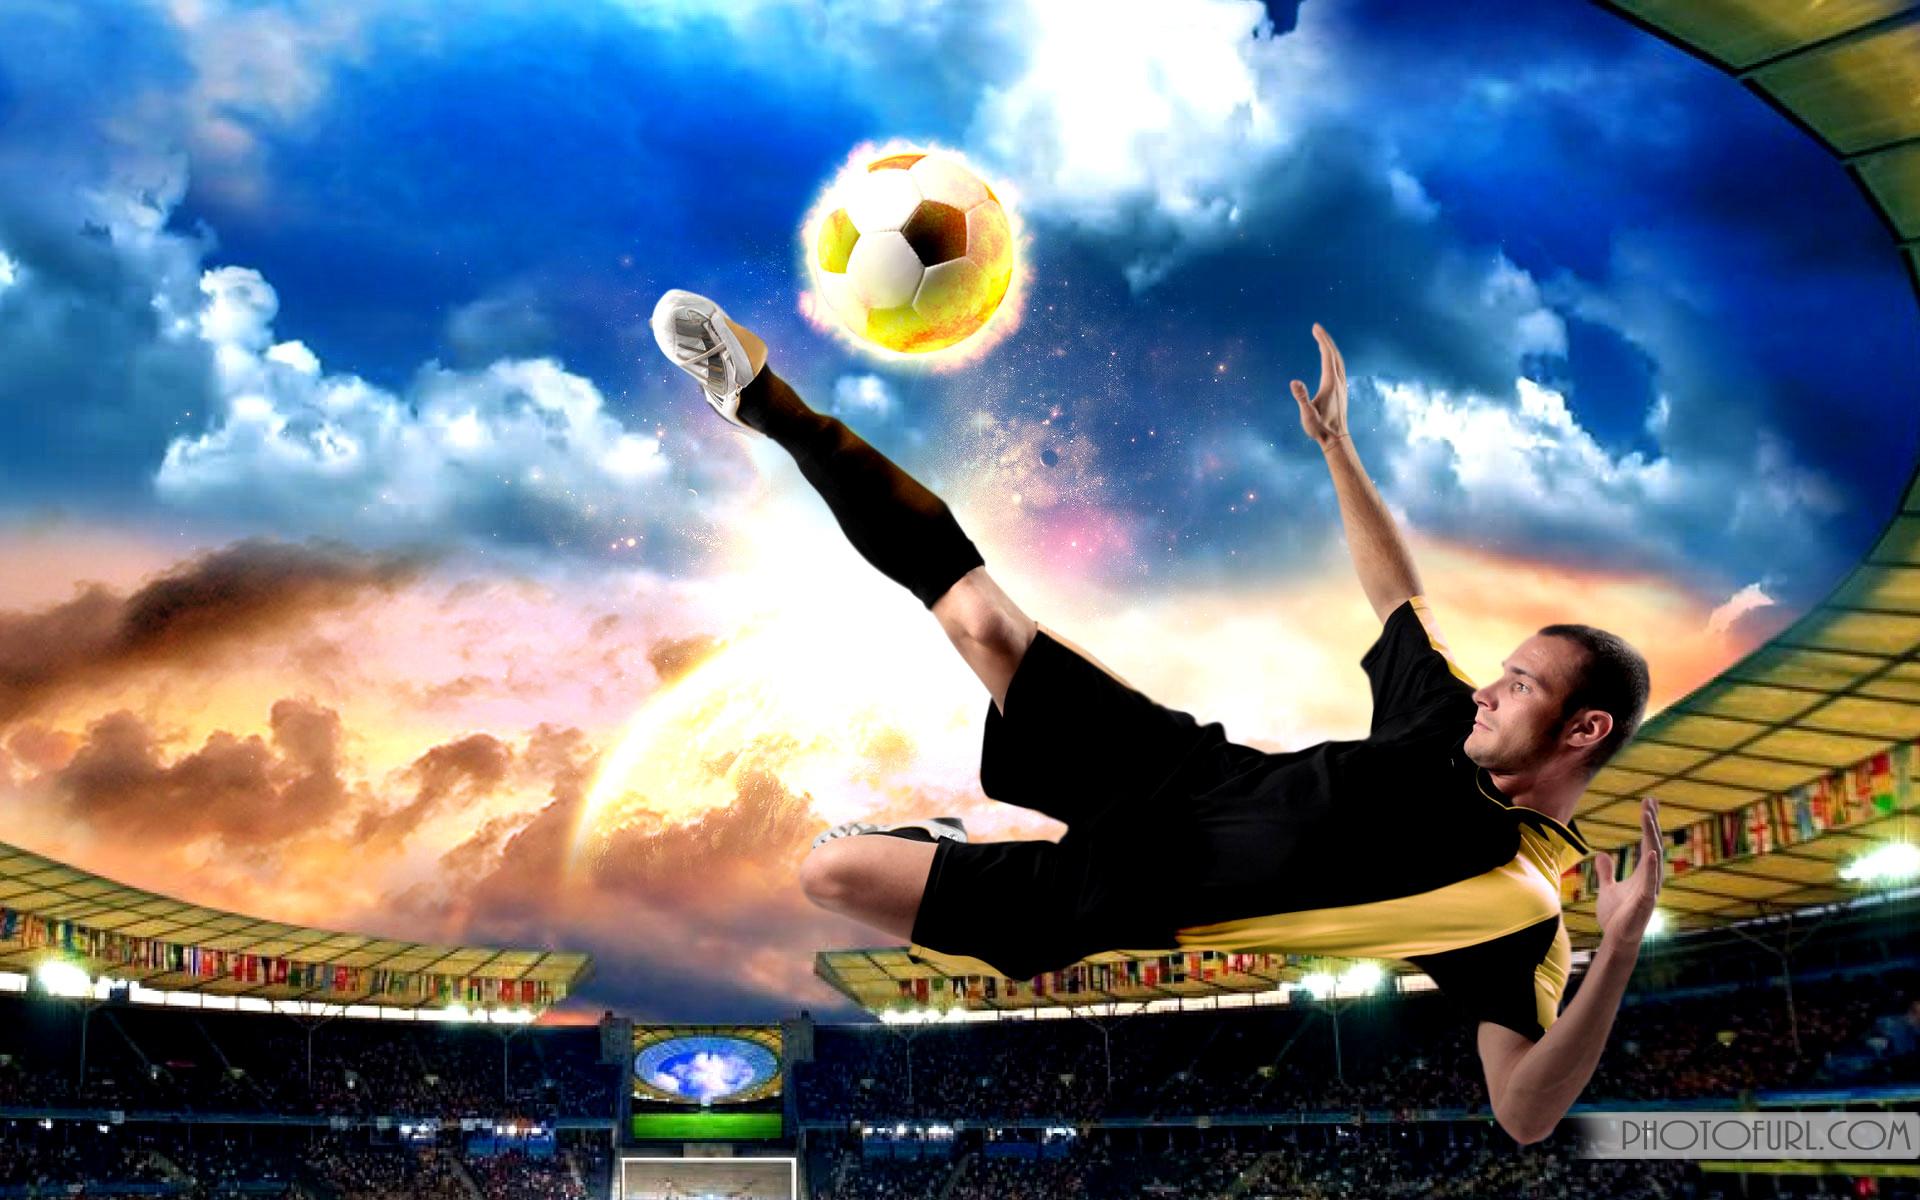 Soccer Ball Wallpapers For Desktop